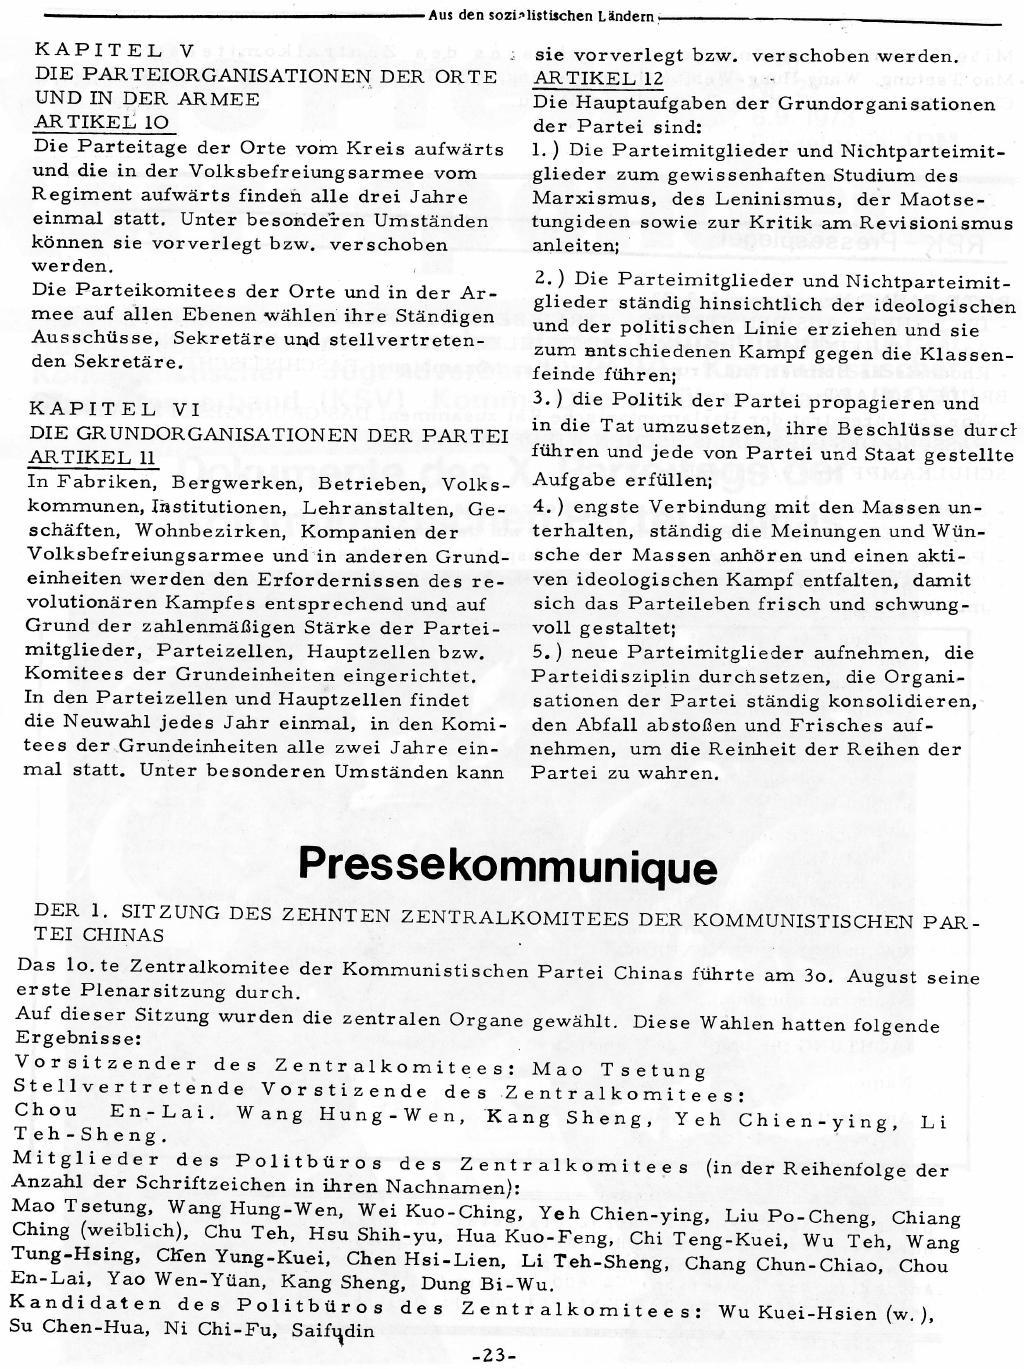 RPK_1973_027_23